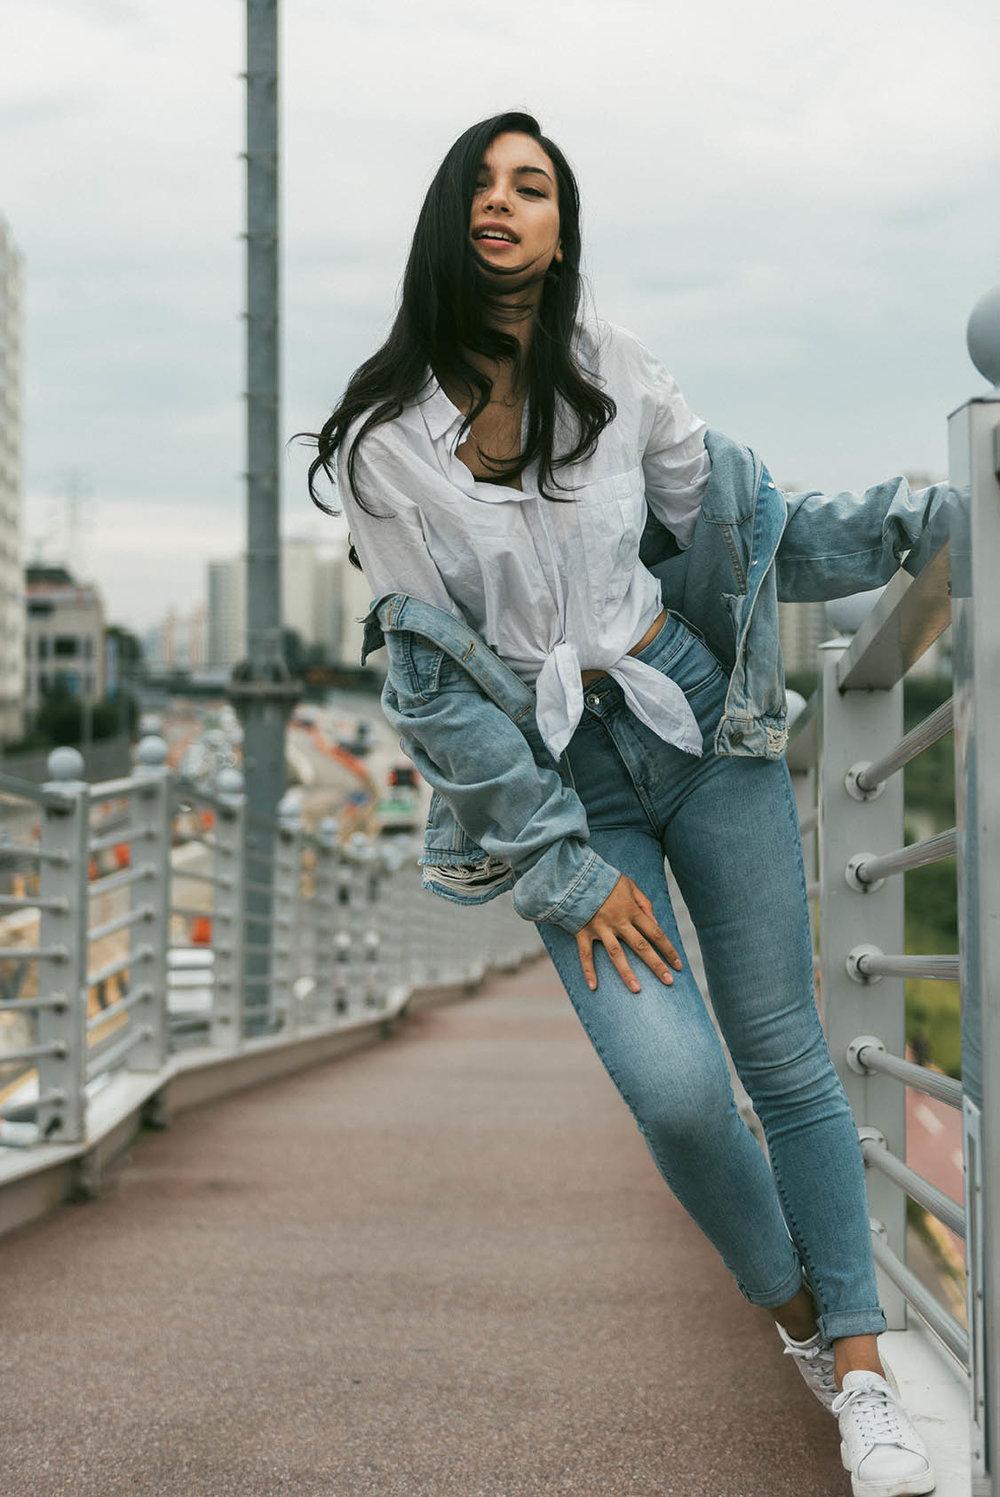 Sprazzi_Professional_Portrait_Photo_Seoul_Lizzyeye_Resize_11.jpg